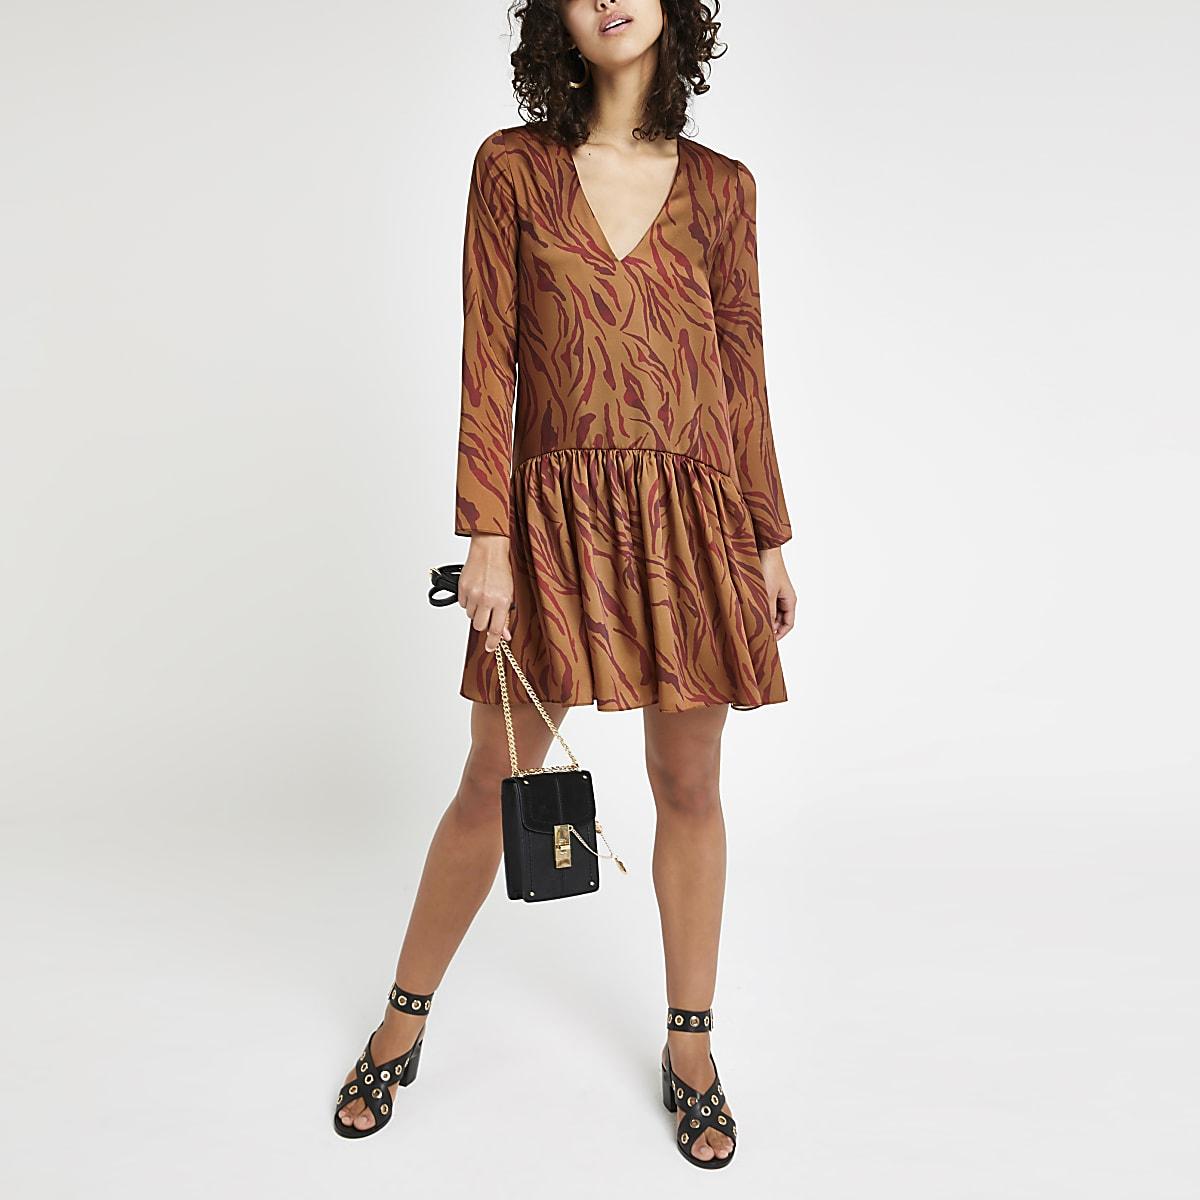 Brown zebra print swing dress